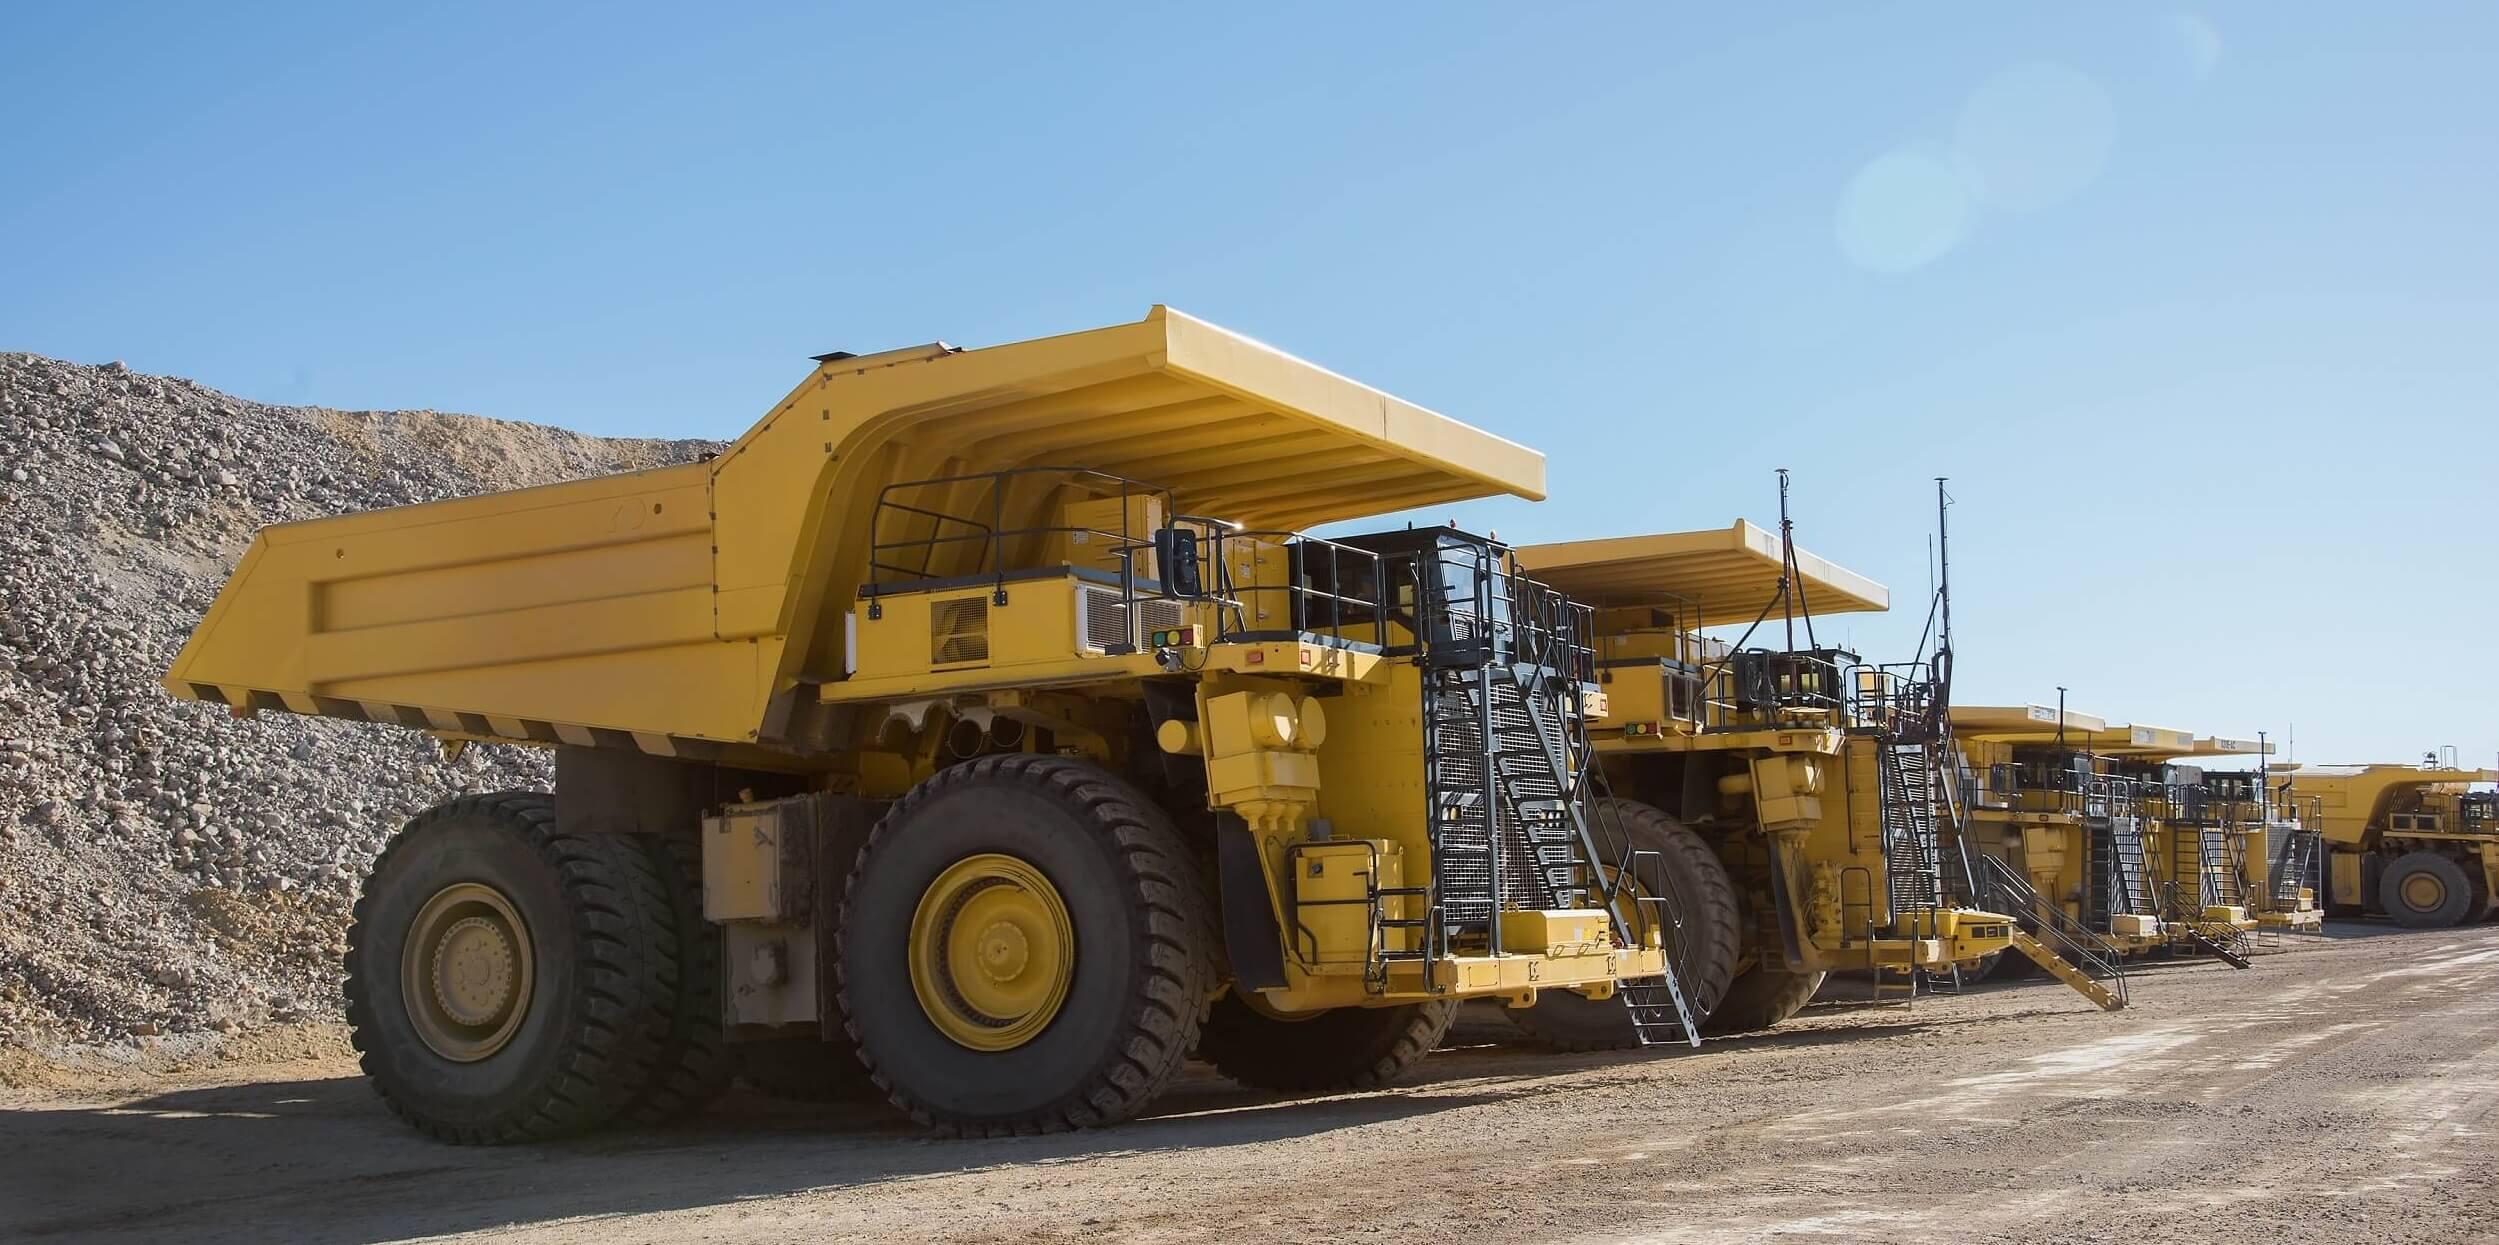 Komatsu Mining Haul Trucks